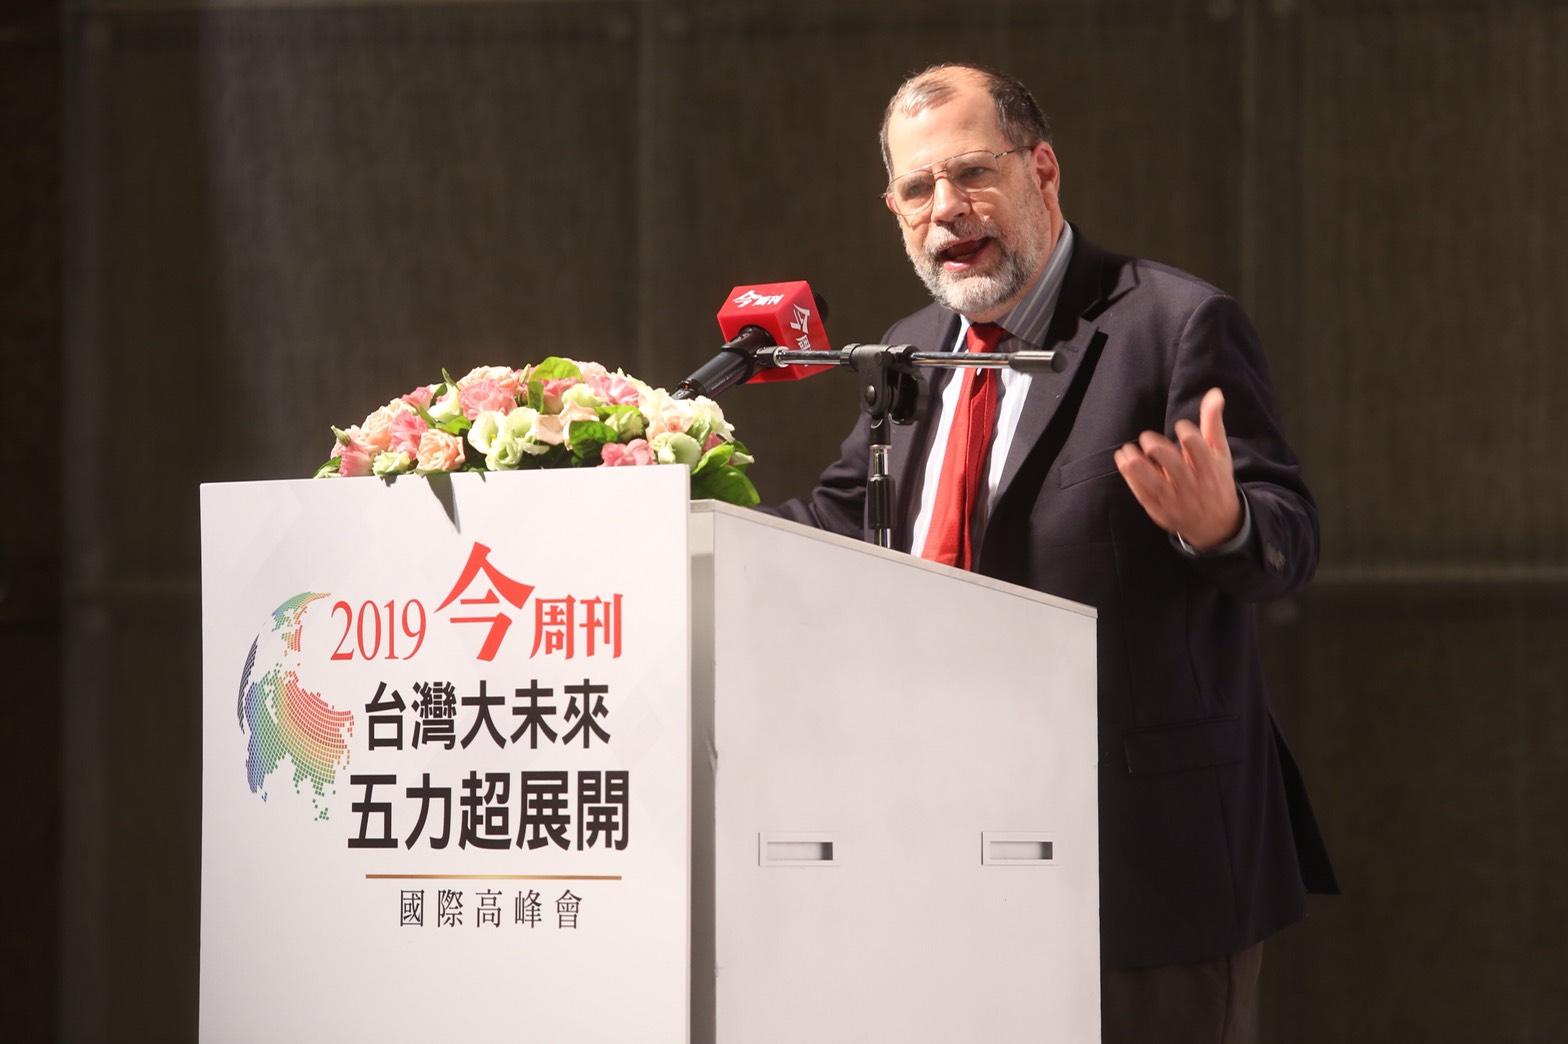 台灣是美中貿易戰的最大受害者 美國經濟學權威科文:美國根本不在意小國的死活